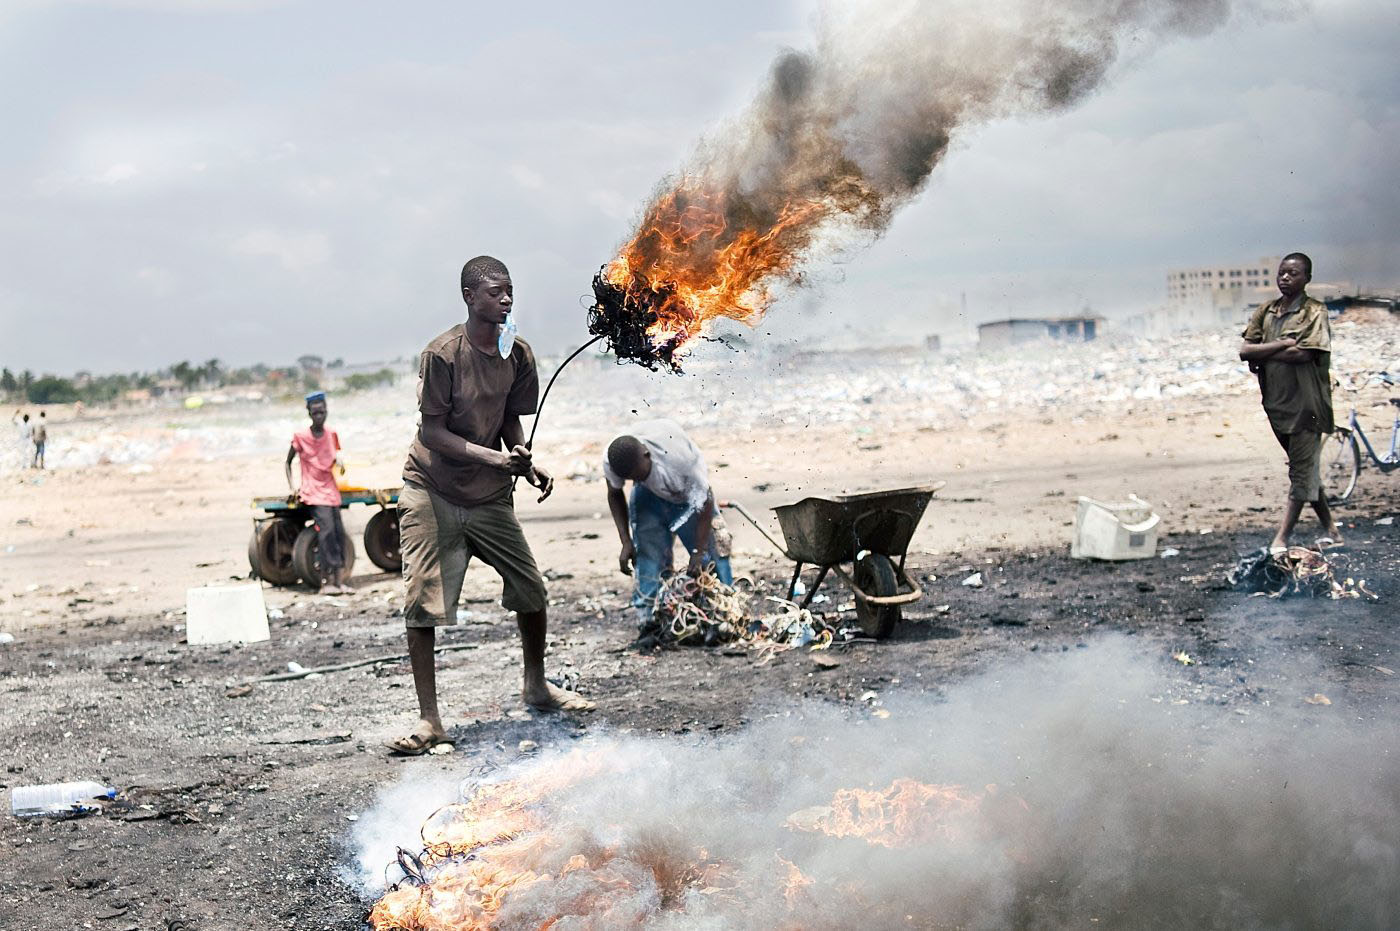 Ohne jeglichen Sicherheitsschutz zerlegen dort Menschen Geräte und verbrennen Kabel, um Metalle freizulegen. Die Dämpfe, die sie dabei einatmen, sind sehr giftig.